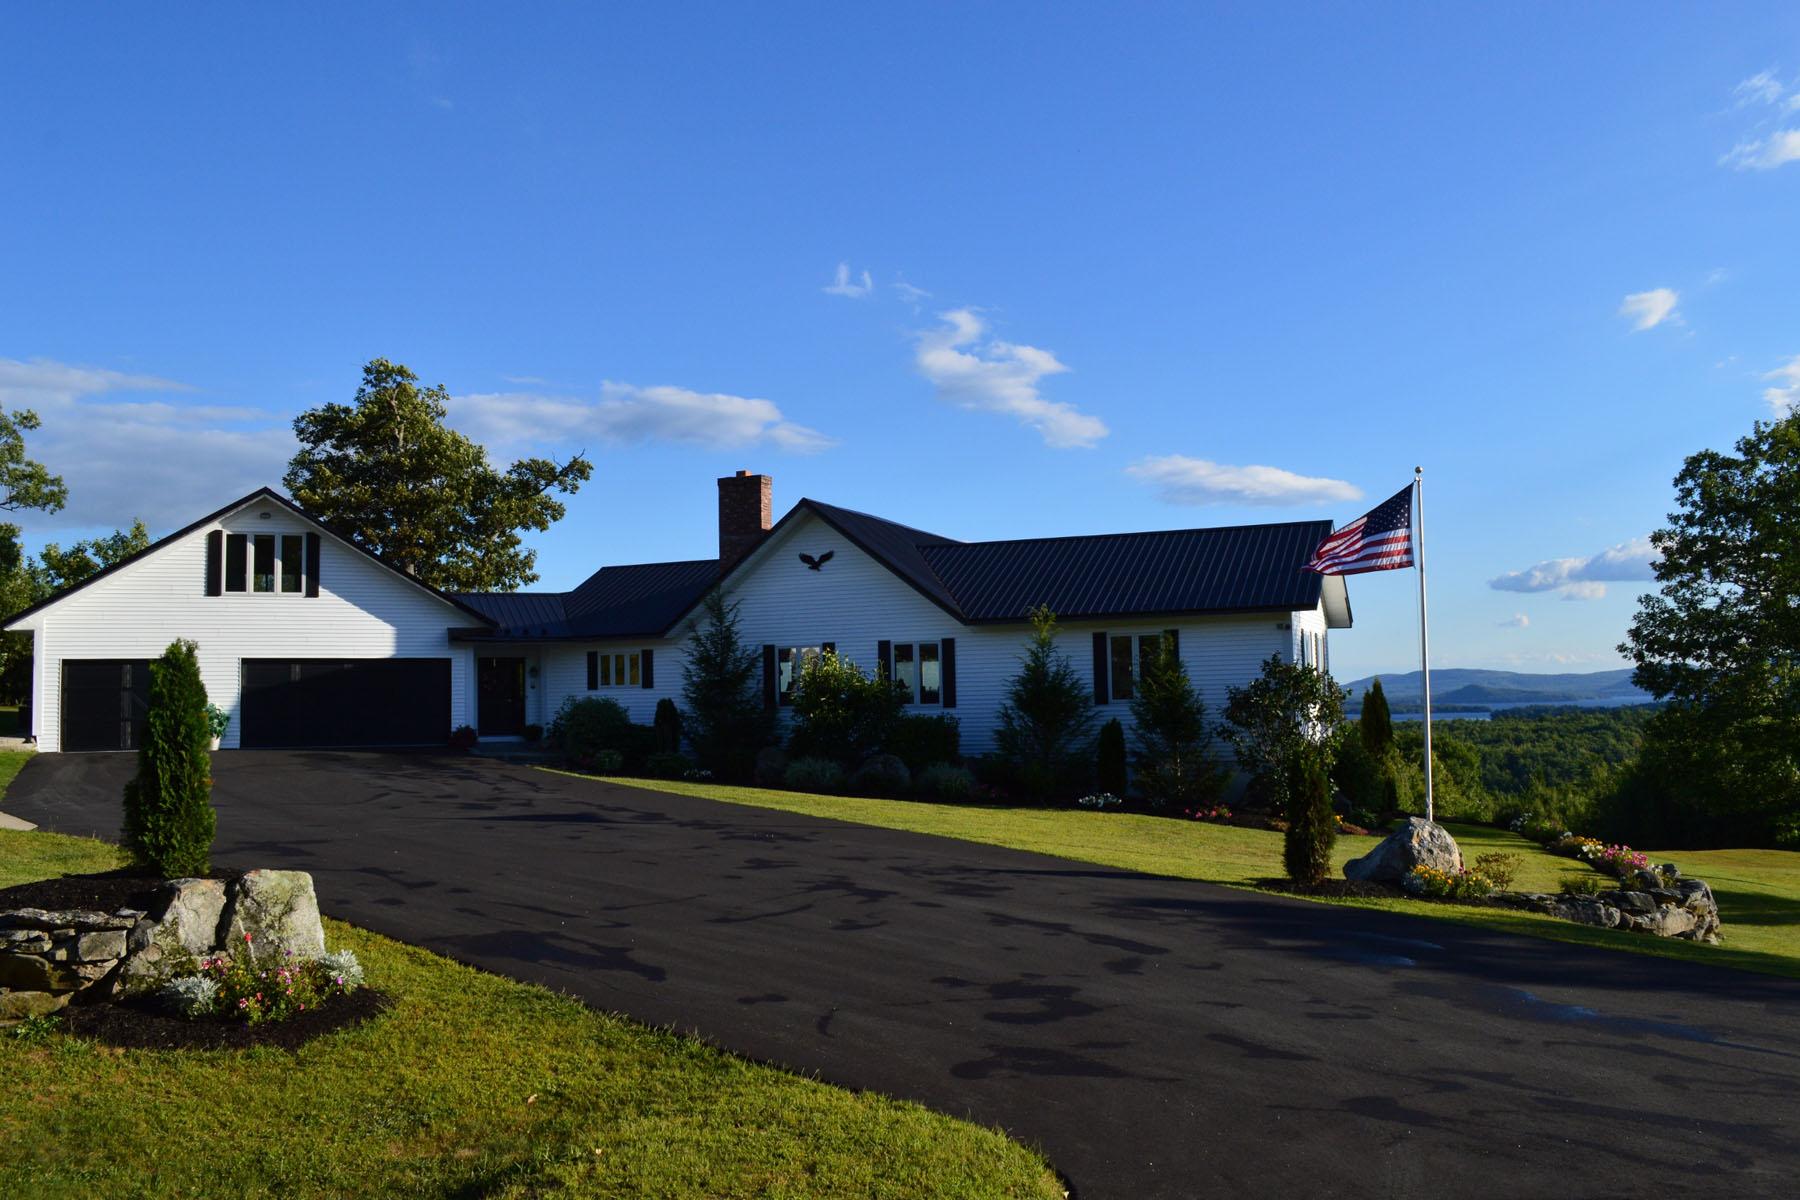 一戸建て のために 売買 アット 61 Furber Lane, Wolfeboro 61 Furber Ln Wolfeboro, ニューハンプシャー 03894 アメリカ合衆国